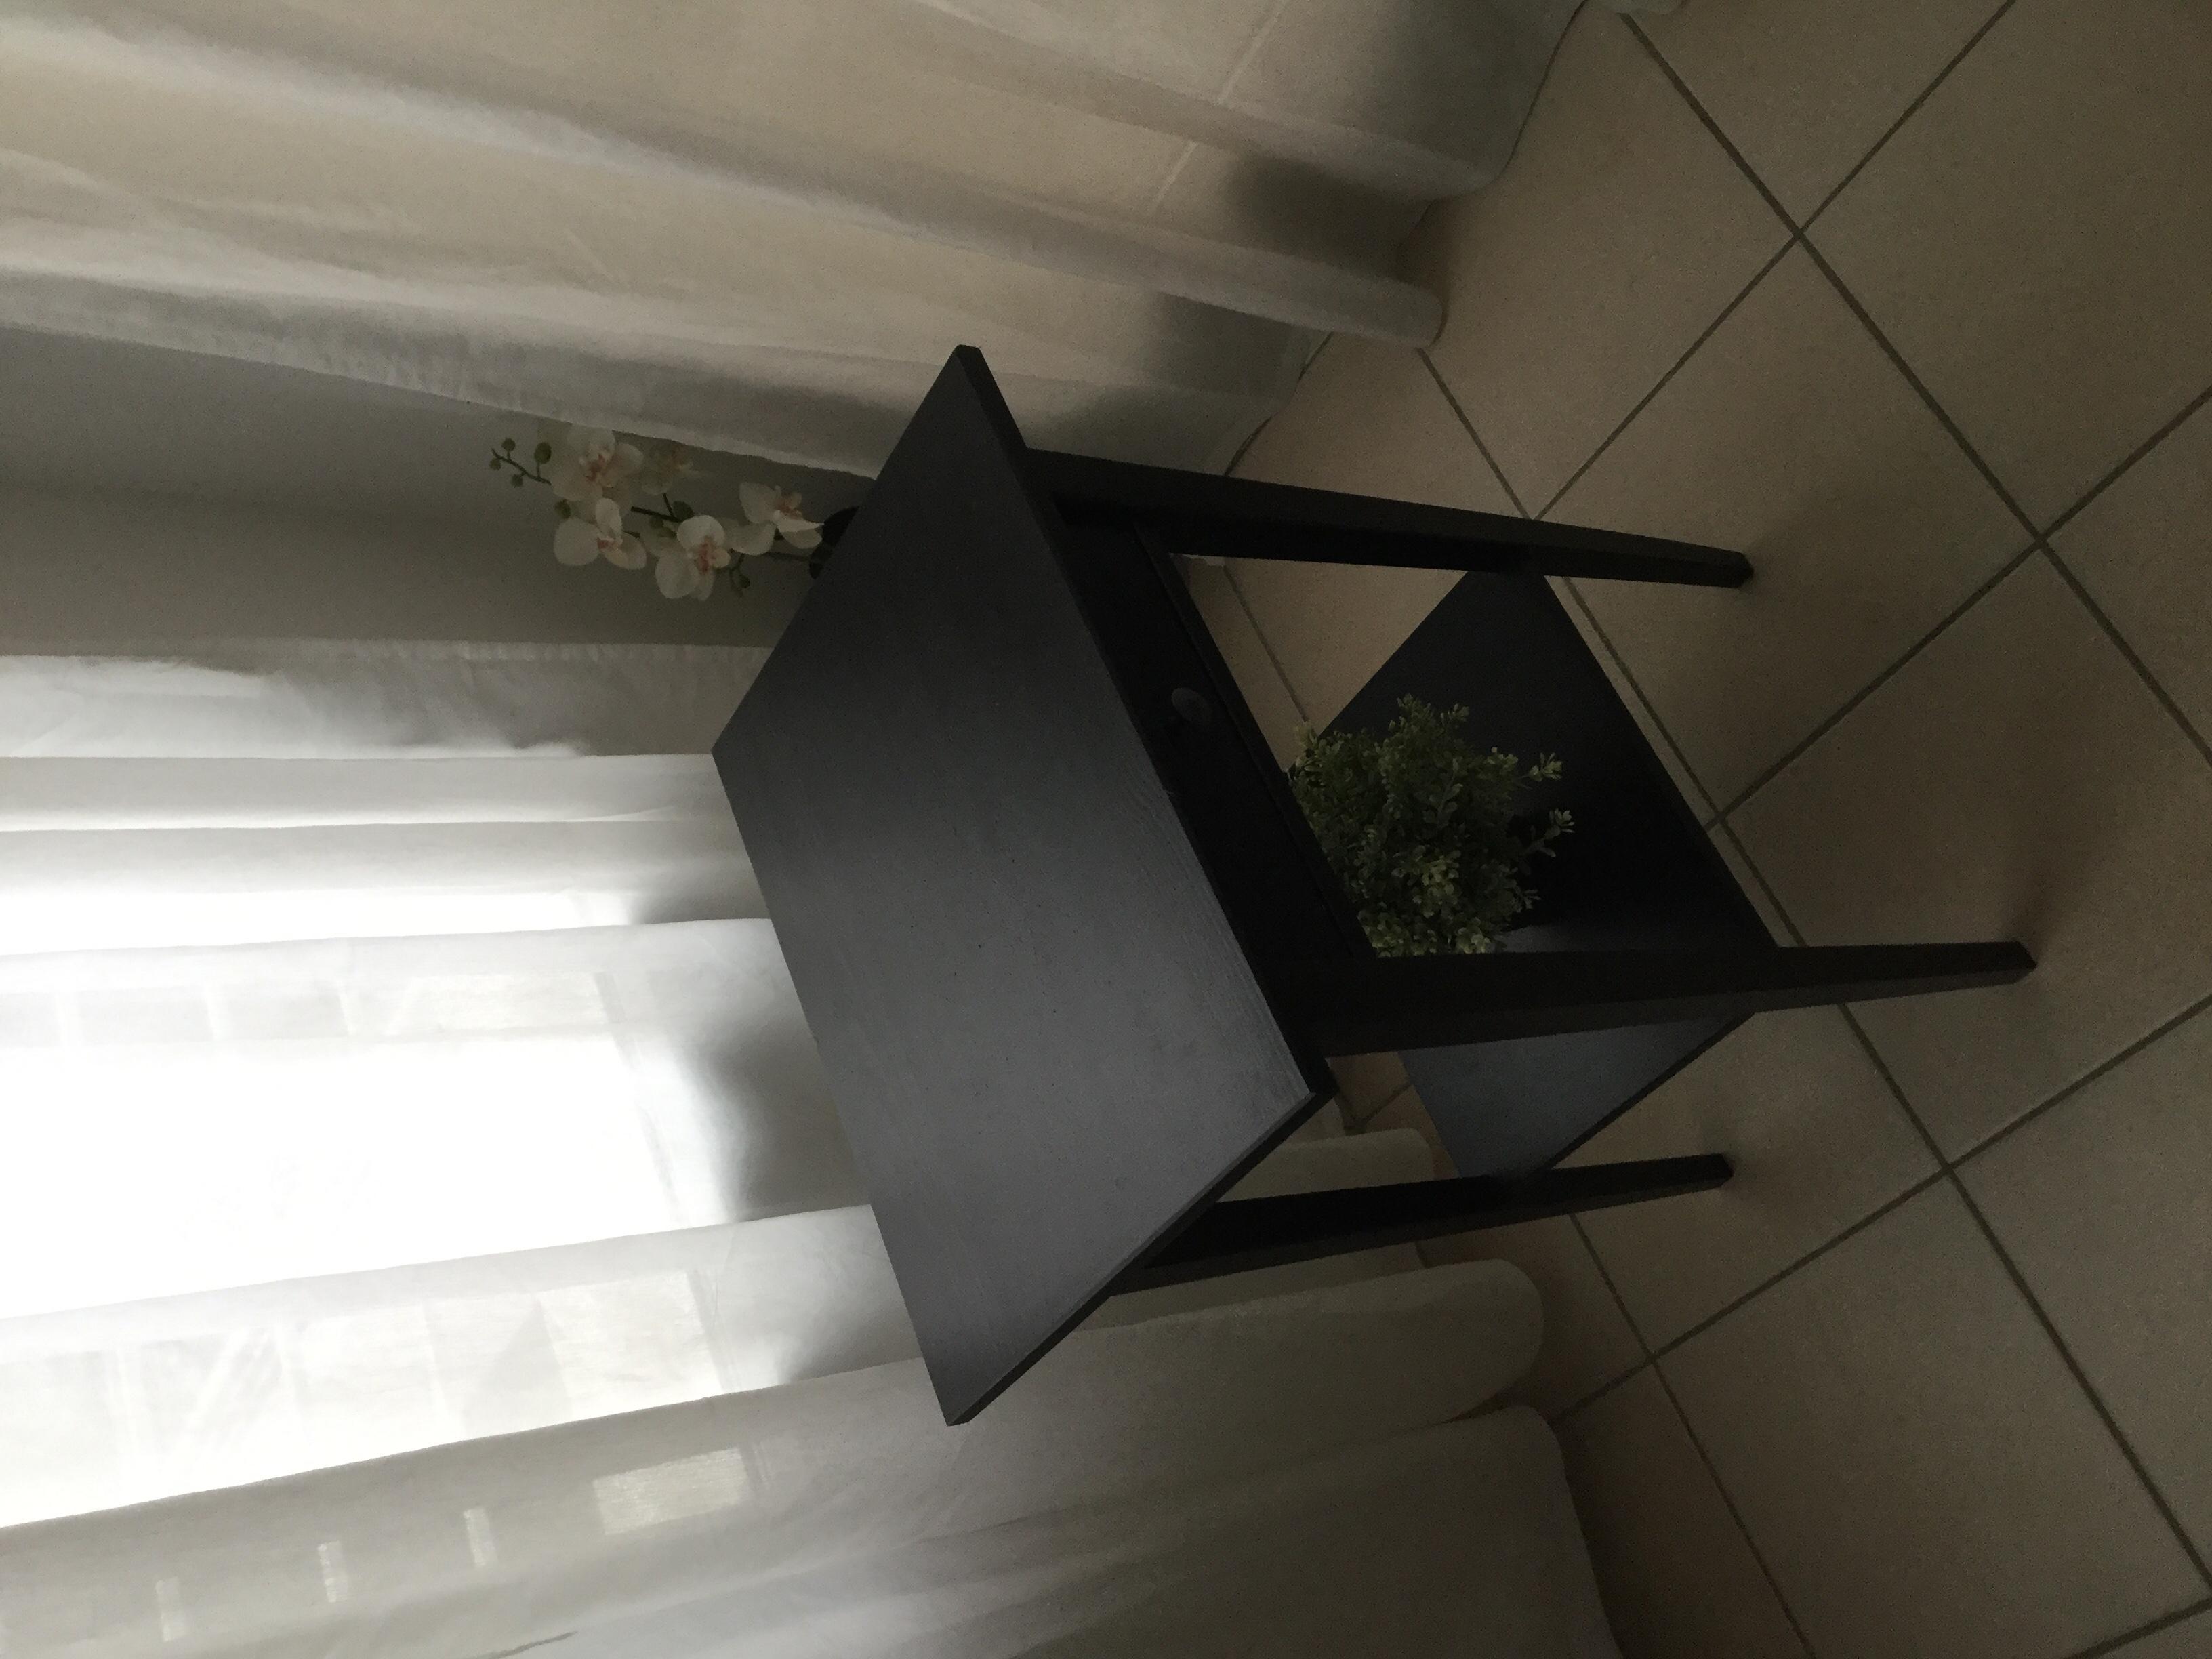 meubles occasion massy 91 annonces achat et vente de meubles paruvendu mondebarras page 6. Black Bedroom Furniture Sets. Home Design Ideas